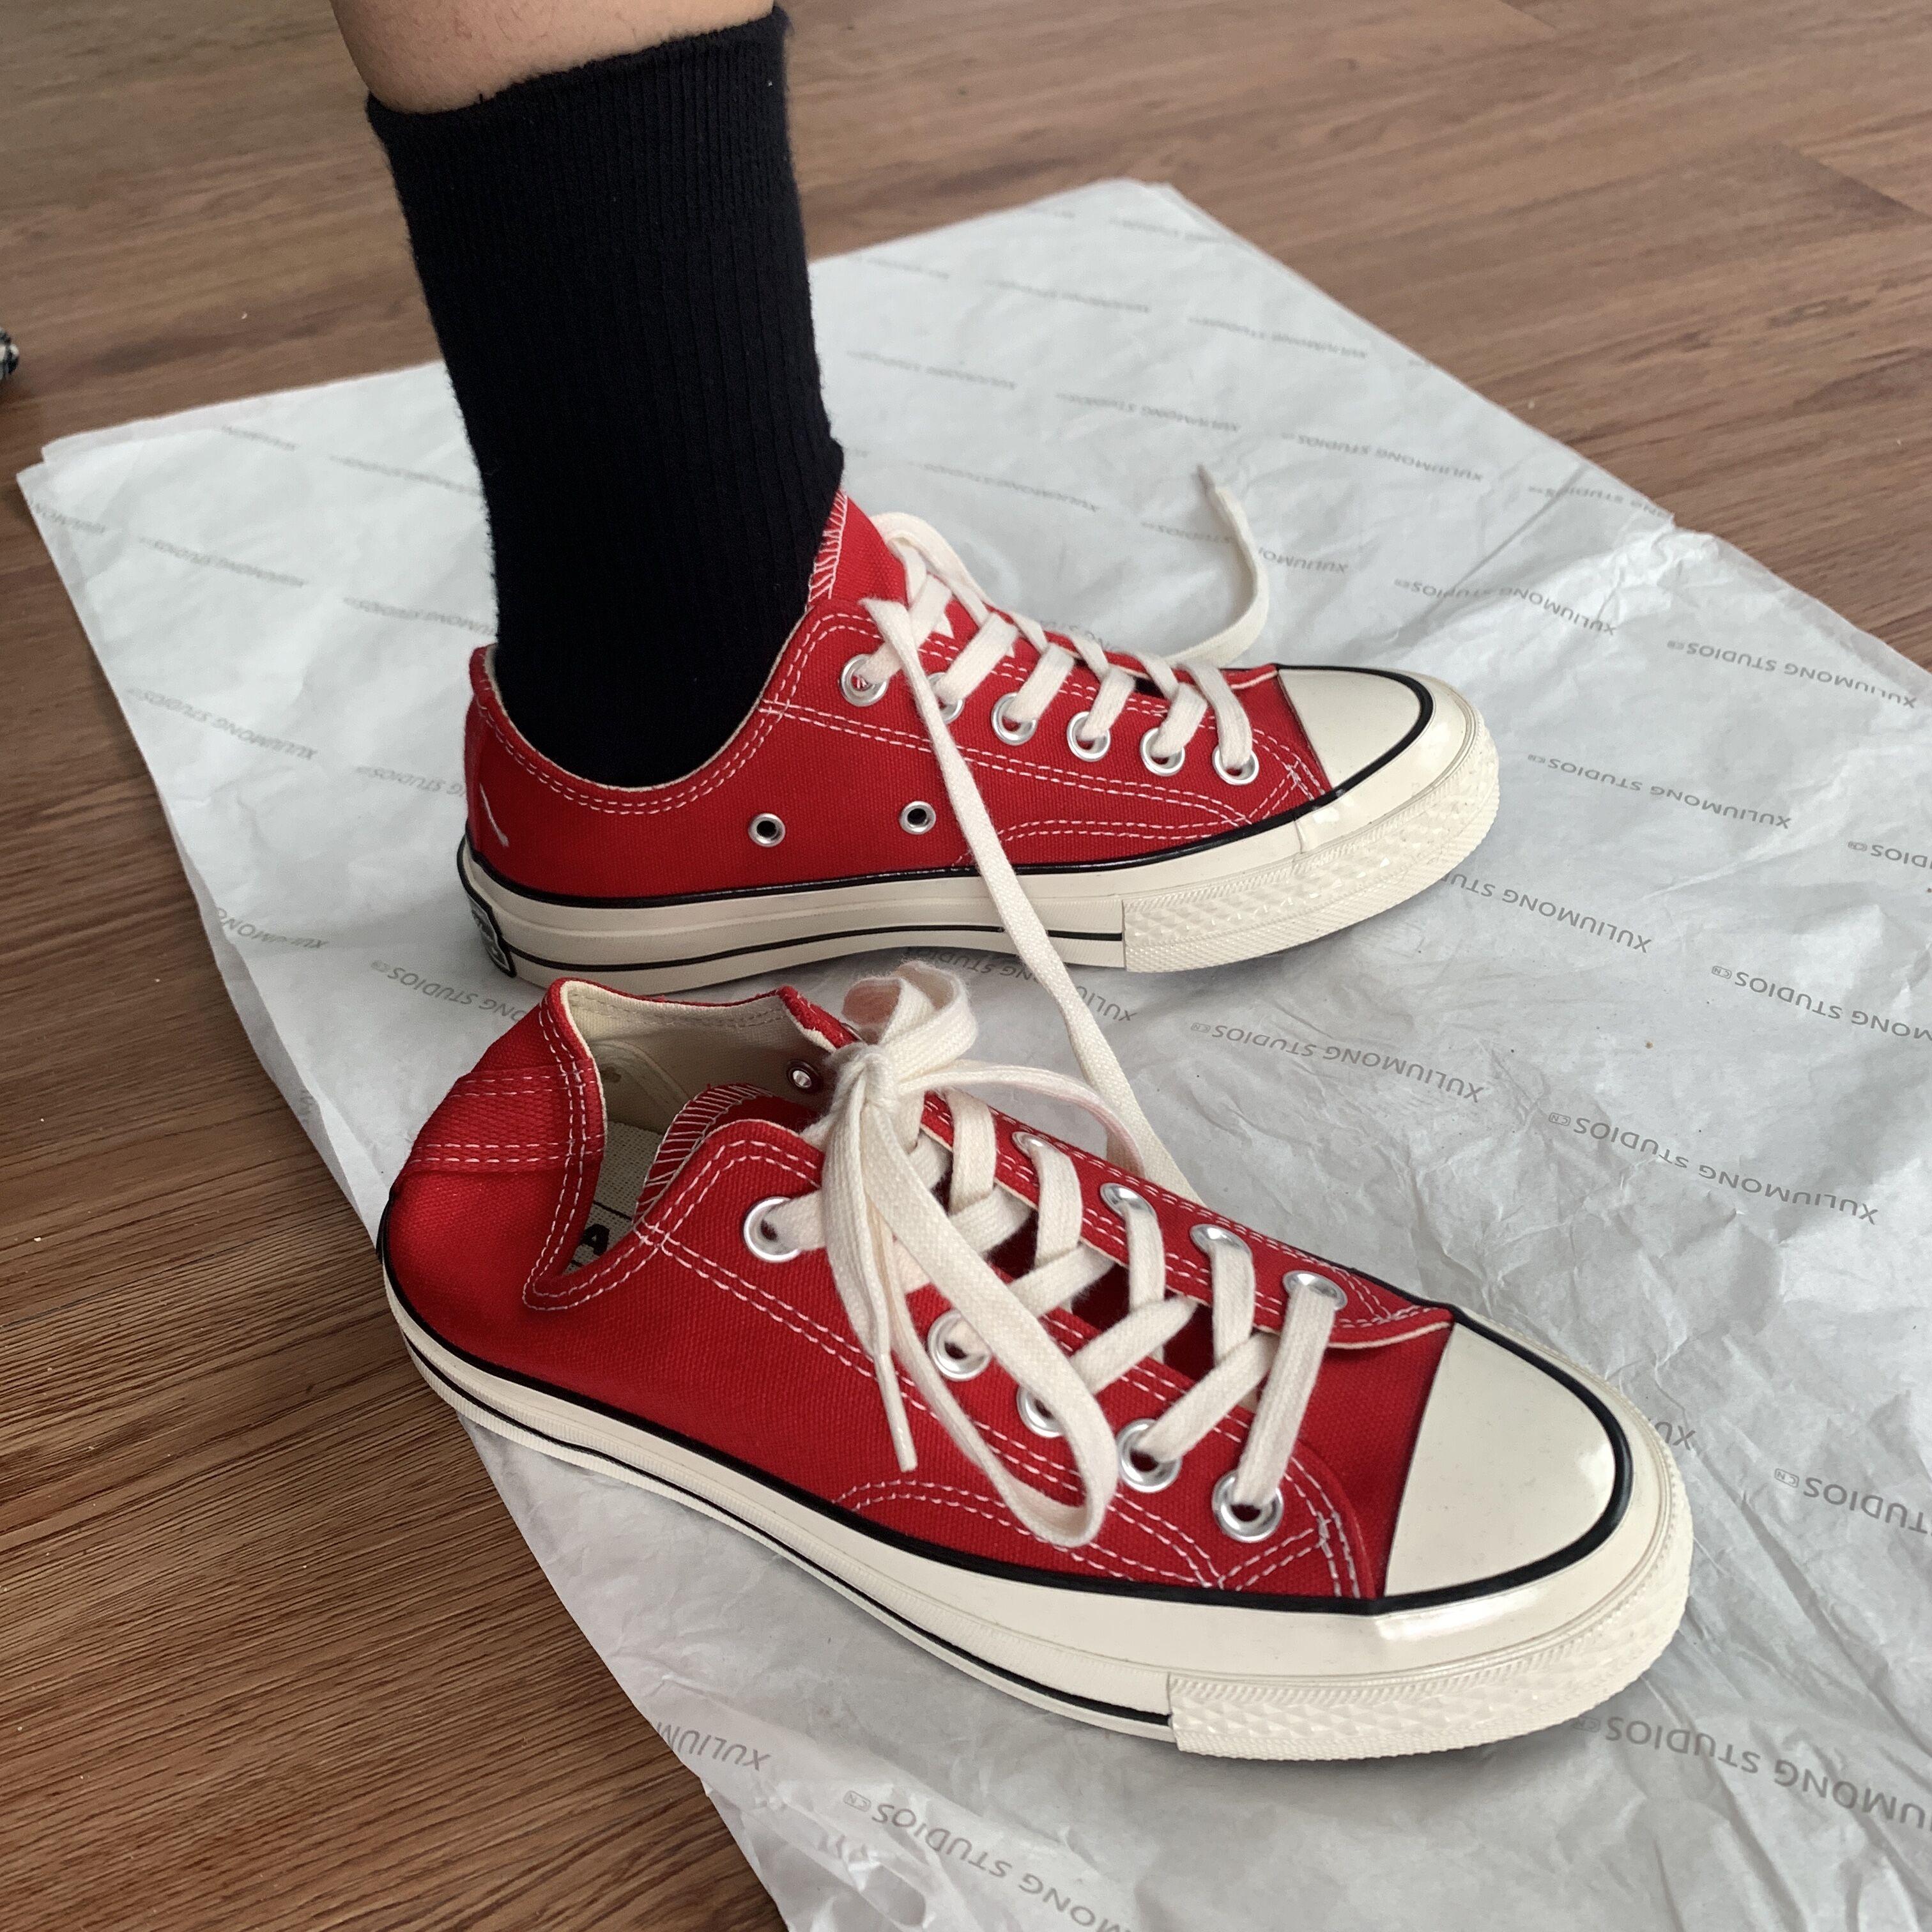 红色帆布鞋 许刘芒 韩国ulzzang百搭复古红色1970s基础款低帮帆布鞋港风工装_推荐淘宝好看的红色帆布鞋